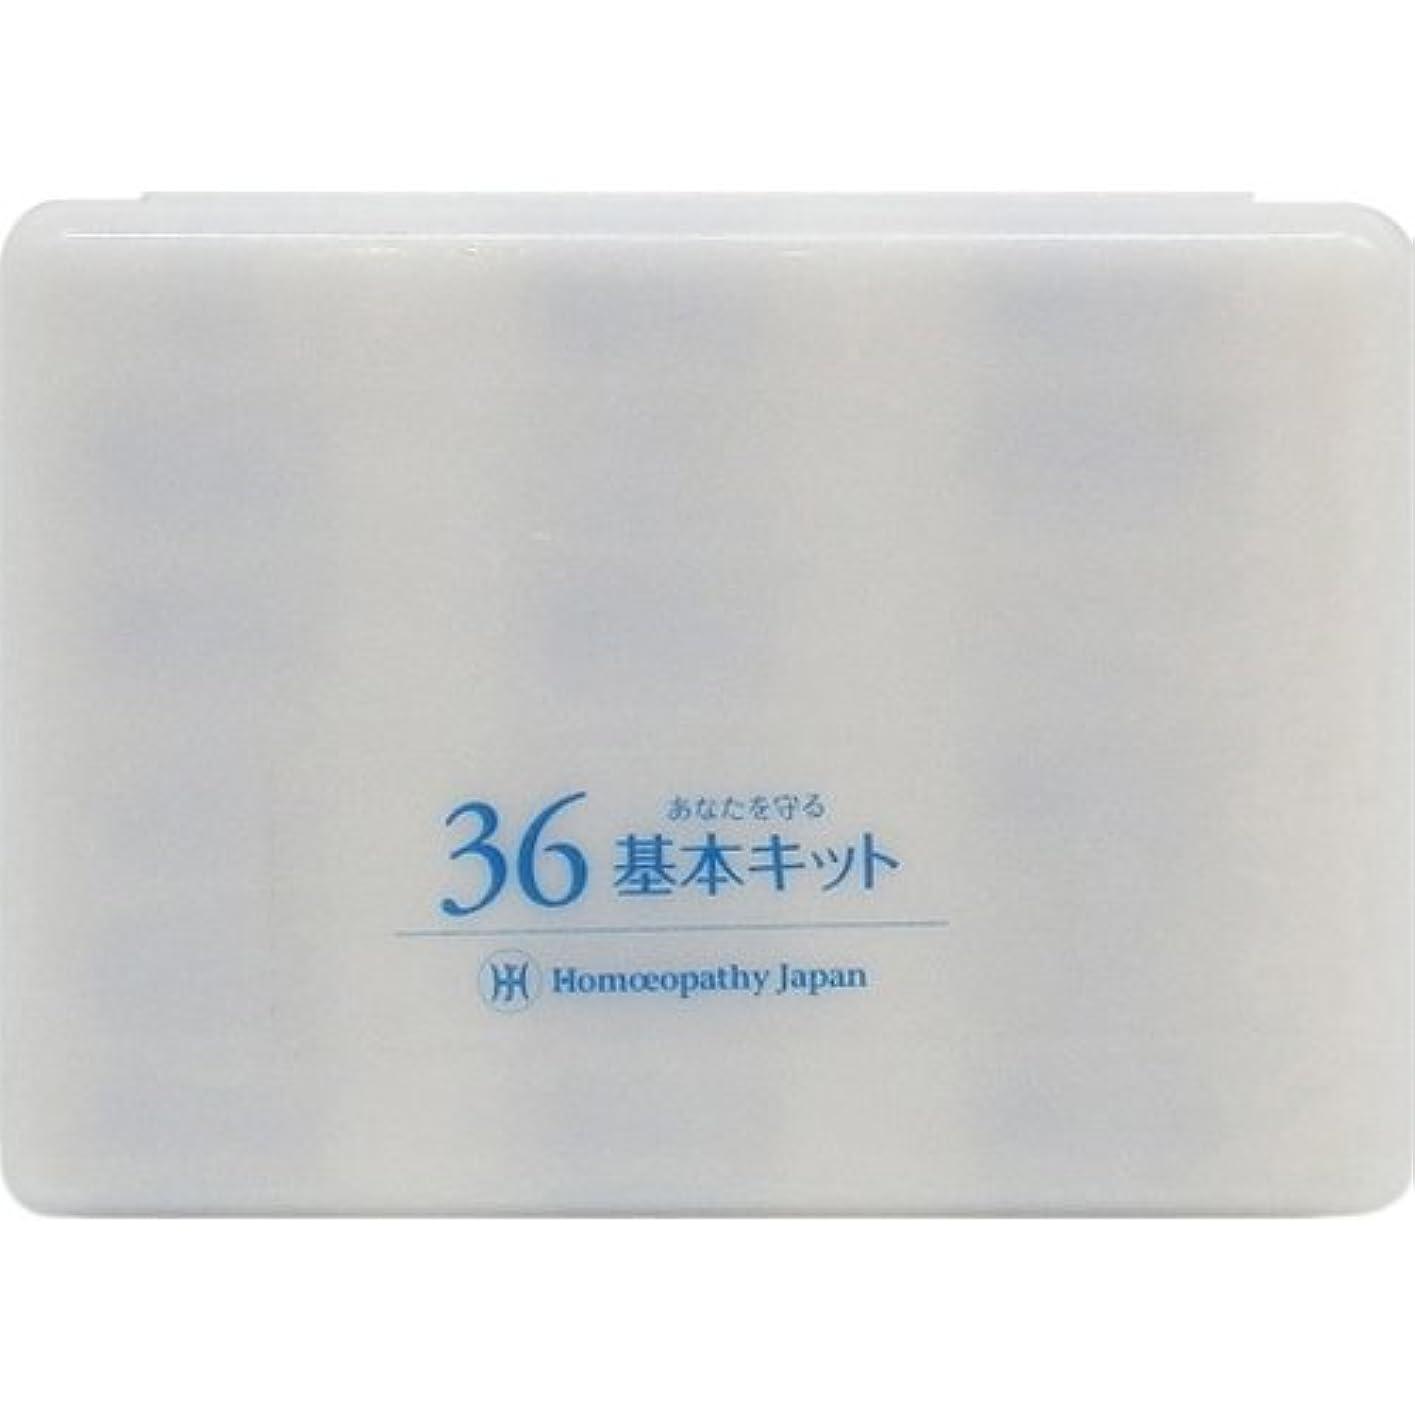 ローン苦しめる封建ホメオパシージャパンレメディー 新36基本キット